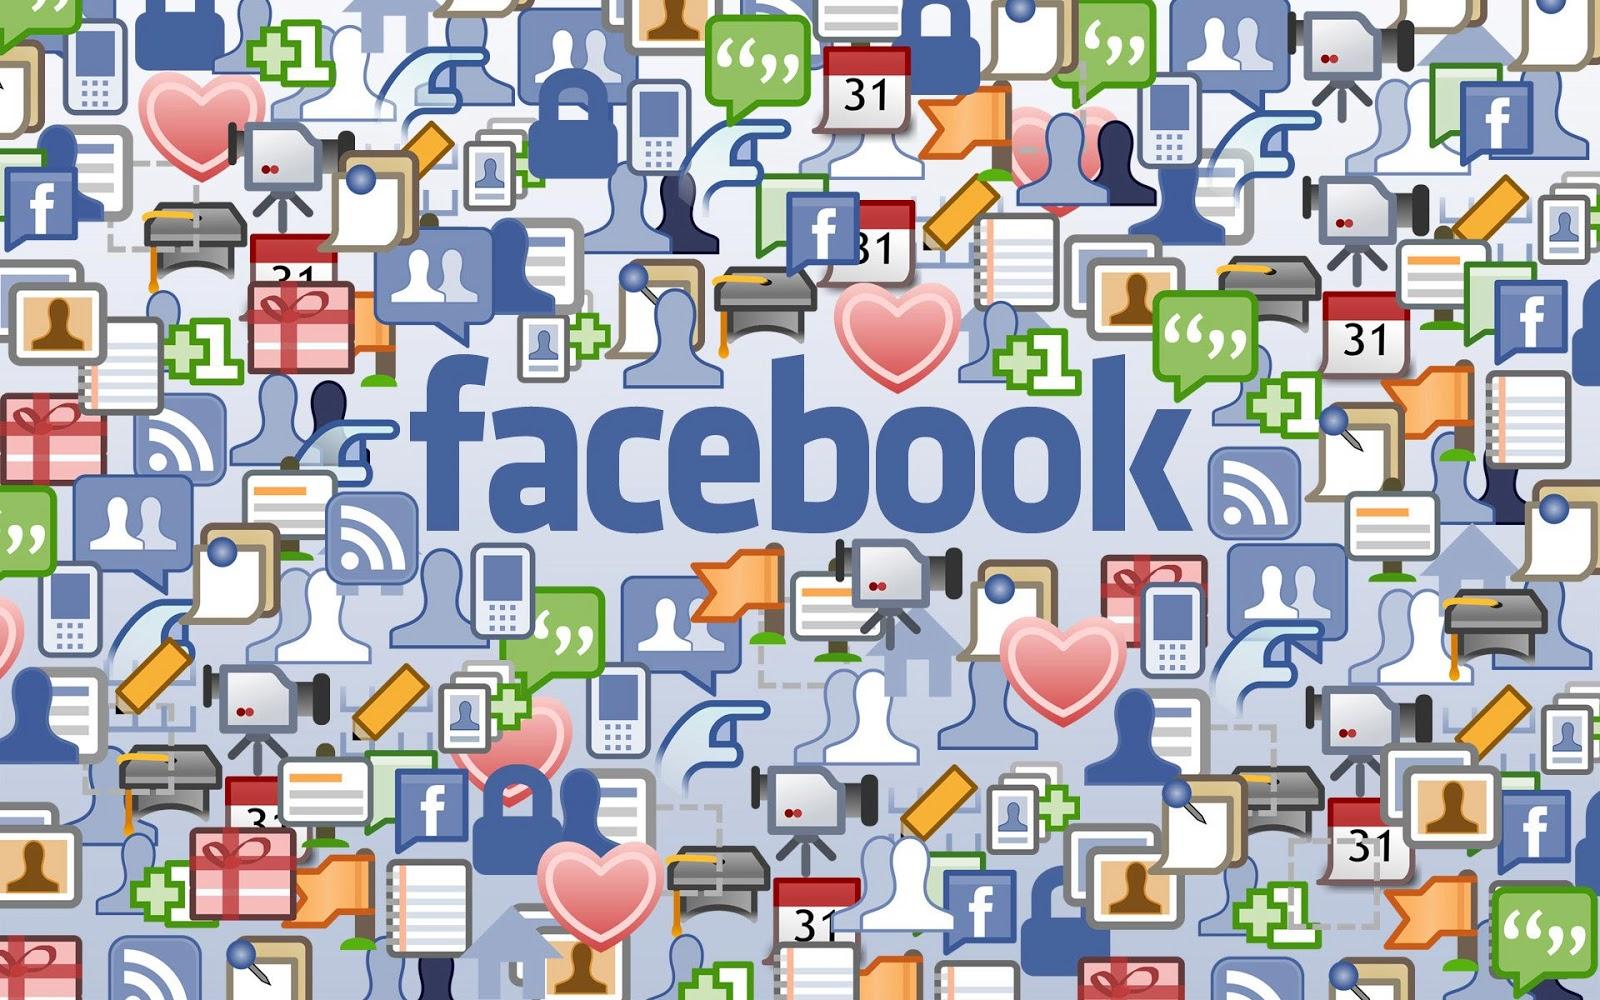 facebook acompañantes independientes aficionado